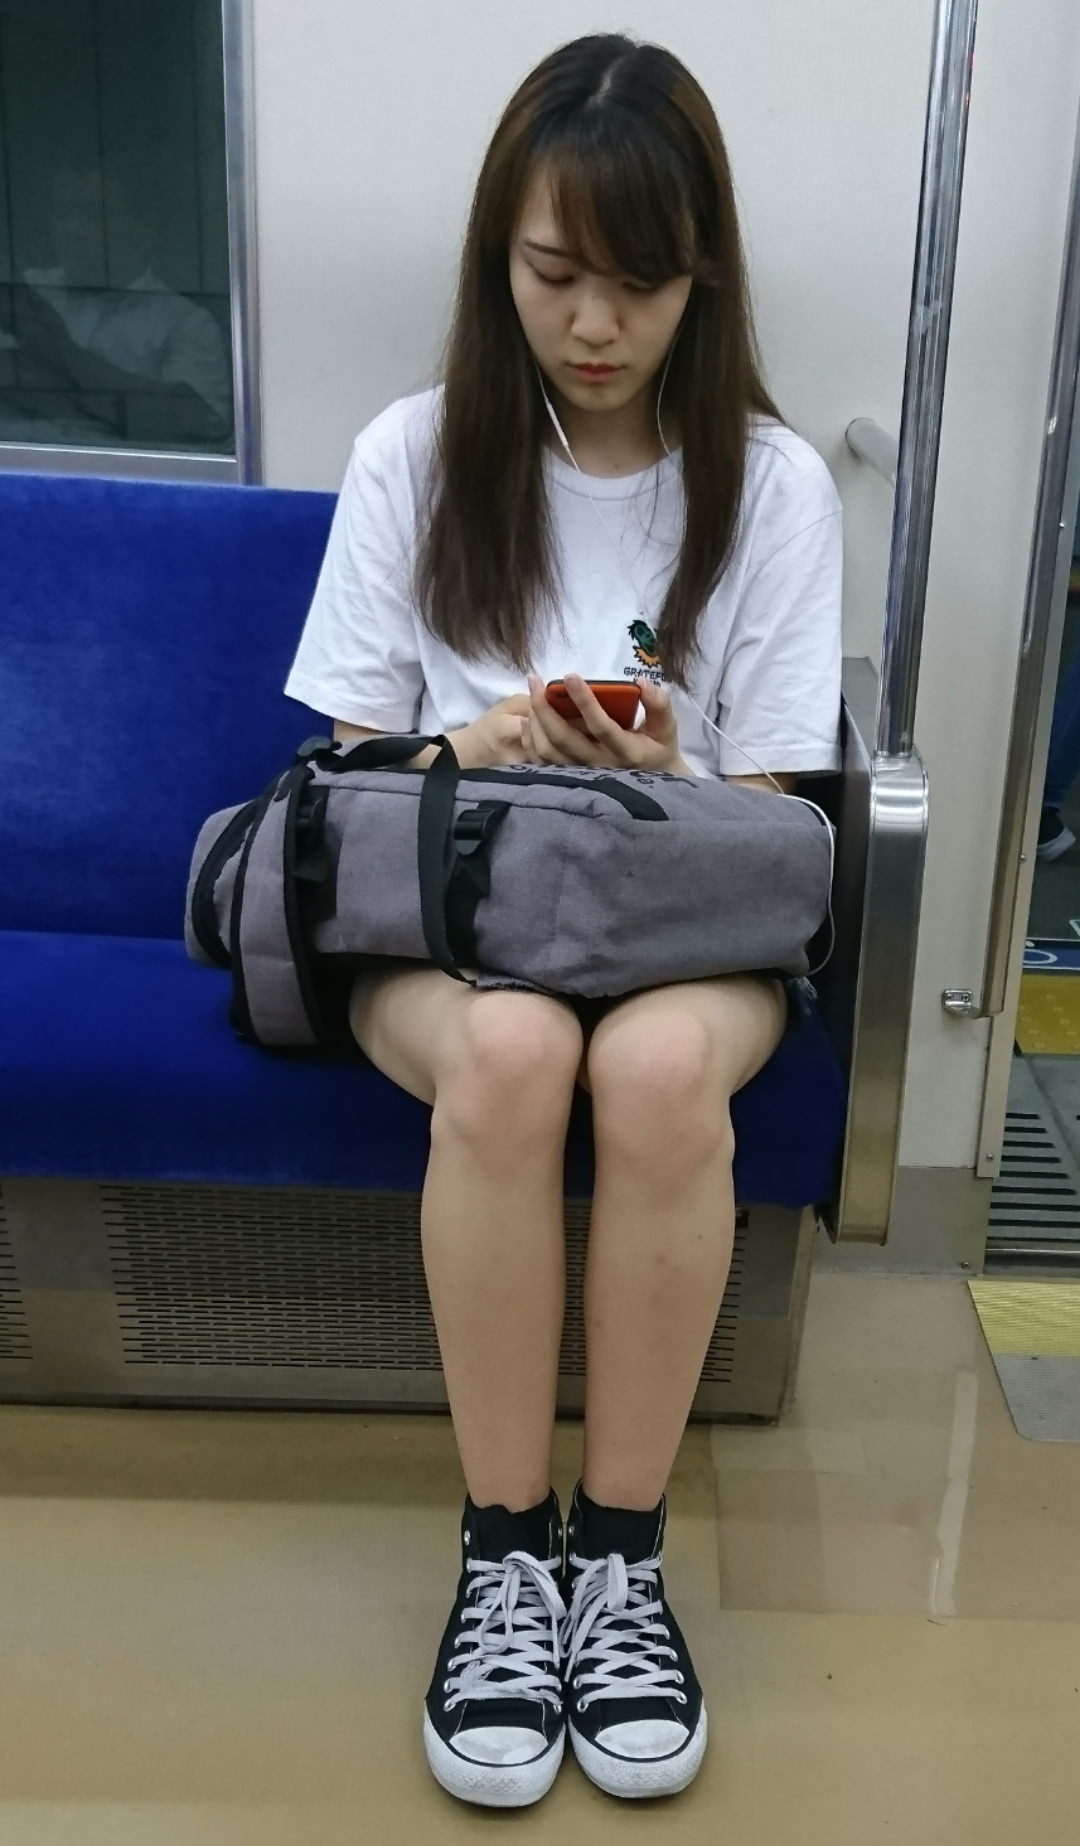 対面席から美脚のお姉さんをスマホ撮り!